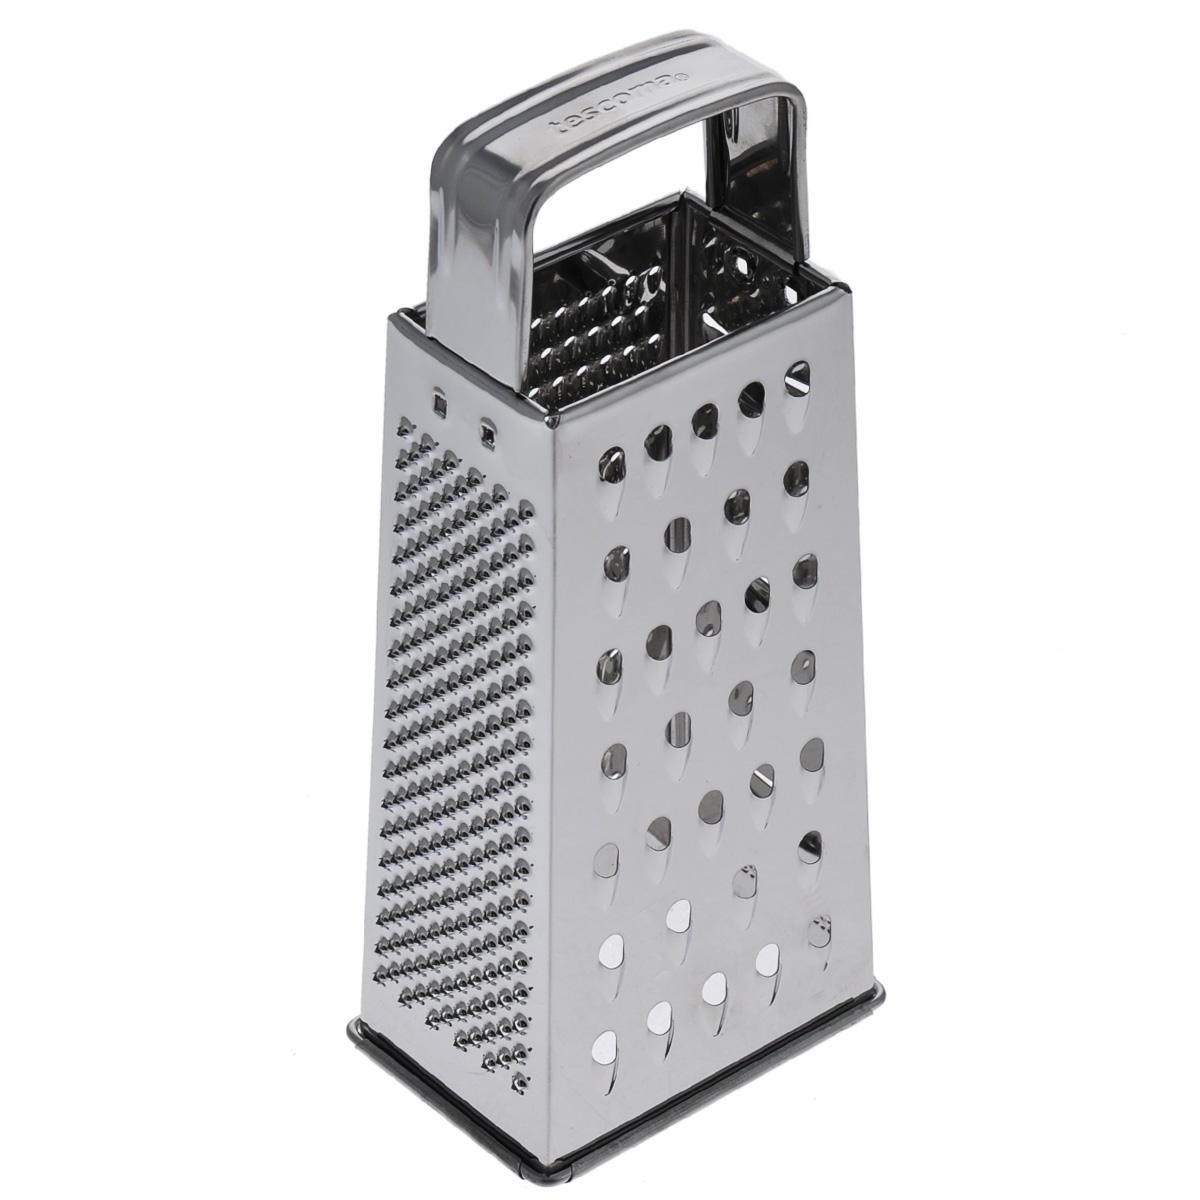 Терка четырехгранная Tescoma Handy, высота 23 см643742Четырехгранная терка Tescoma Handy, выполненная из высококачественной нержавеющей стали с зеркальной полировкой, станет незаменимым атрибутом приготовления пищи. Сверху на терке находится удобная ручка. На одном изделие представлены четыре вида терок - крупная, мелкая, фигурная и нарезка ломтиками. Современный стильный дизайн позволит терке занять достойное место на вашей кухне. Можно мыть в посудомоечной машине. Высота терки (без учета ручки): 18,5 см.